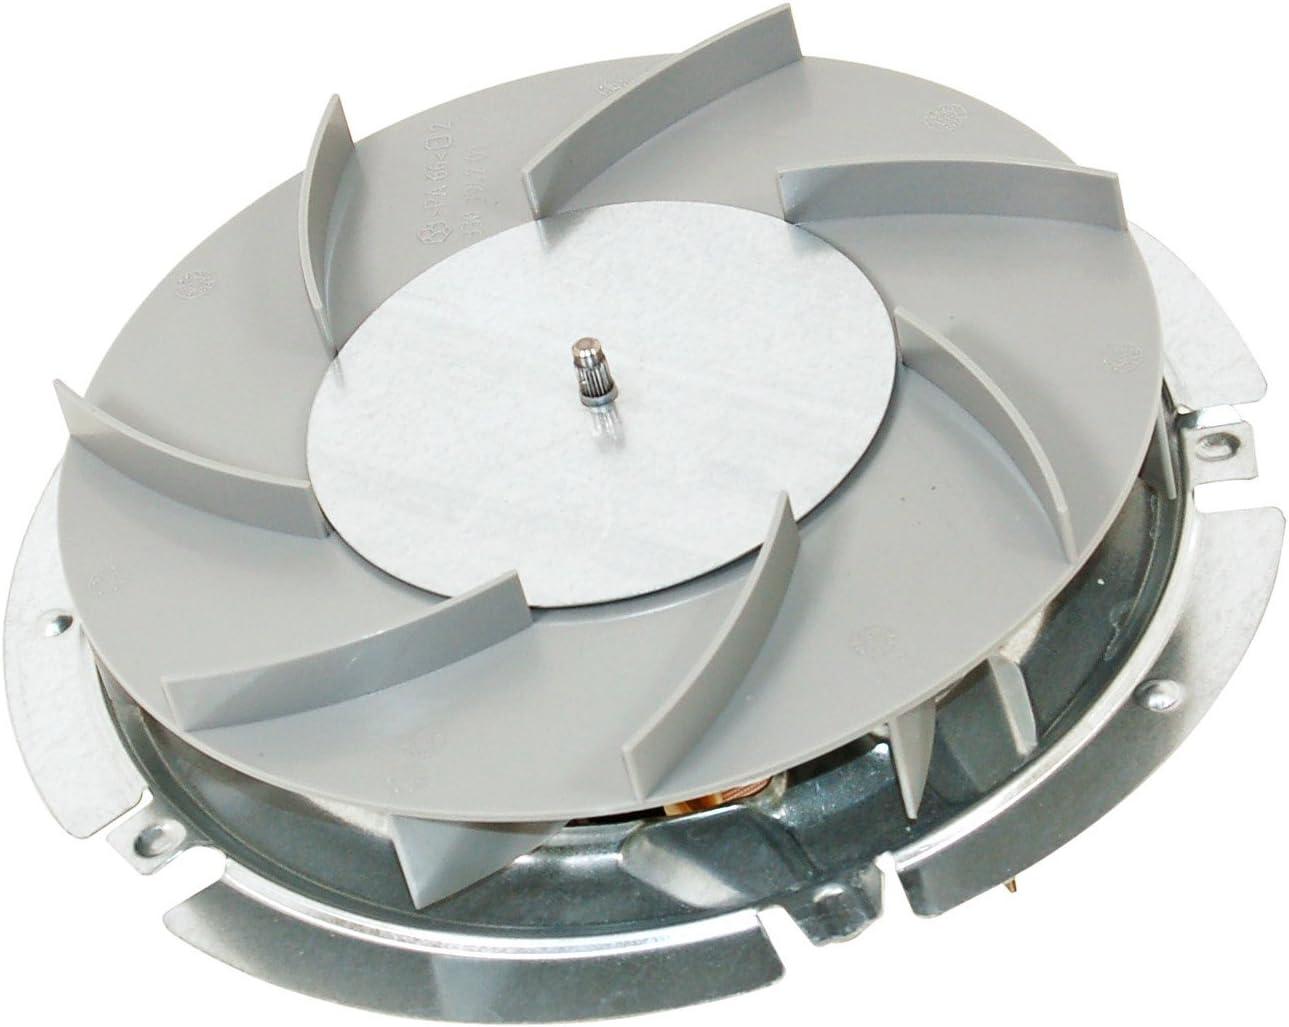 AEG Electrolux ventilador de cocina Número de serie del producto ...